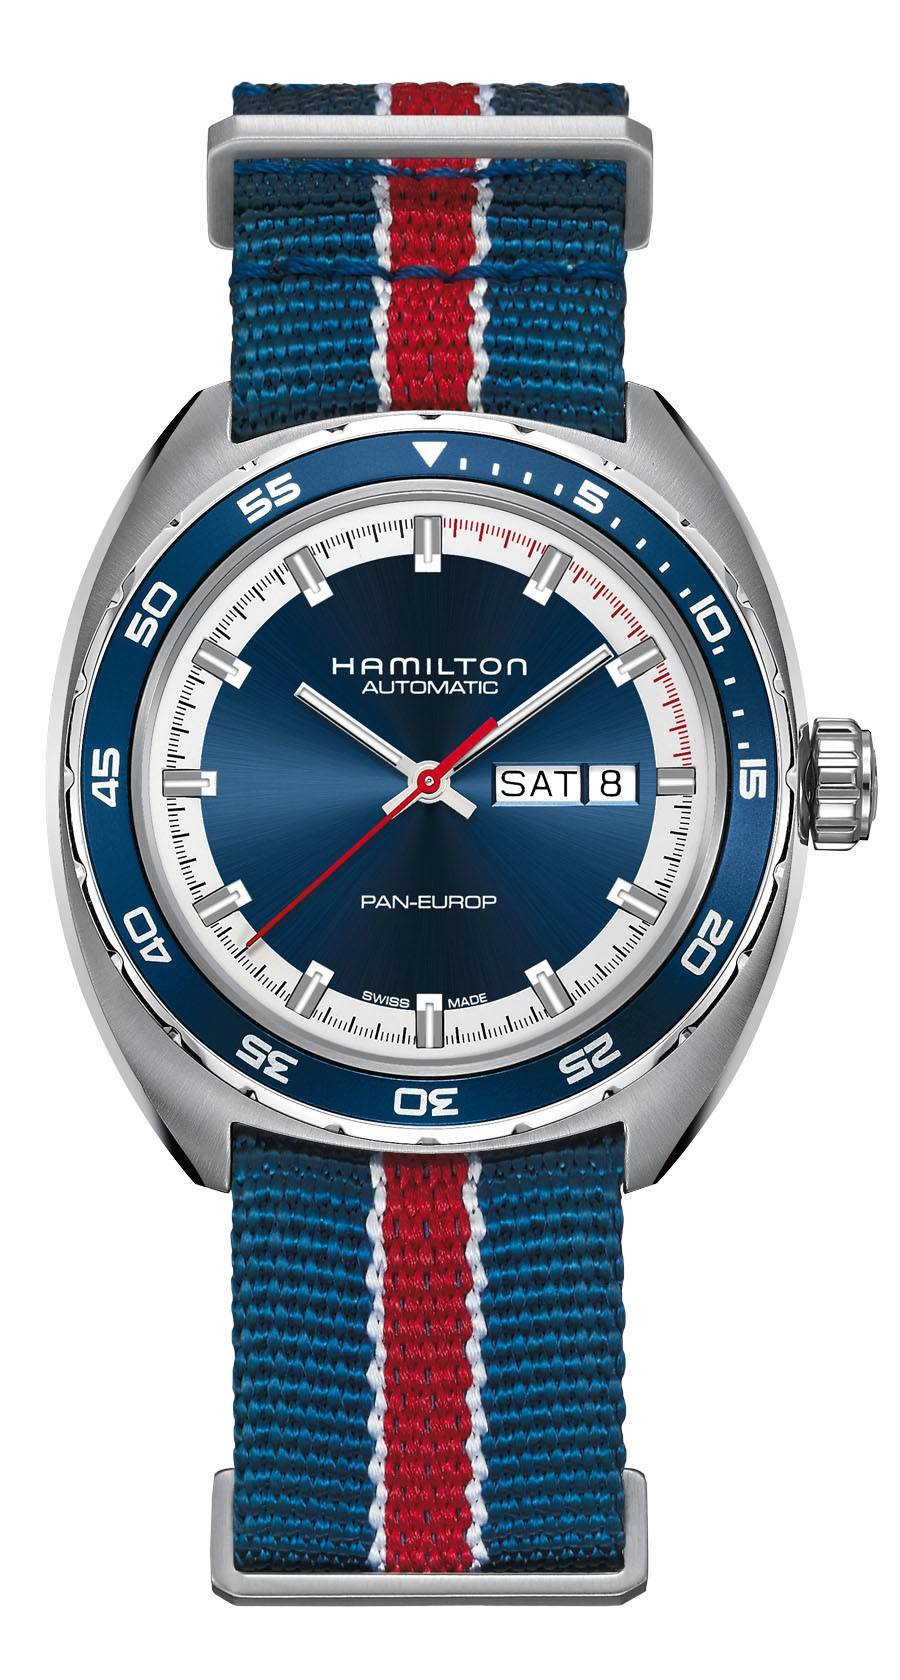 Hamilton: Pan Europ, Referenznummer H35405741 mit blauem Zifferblatt